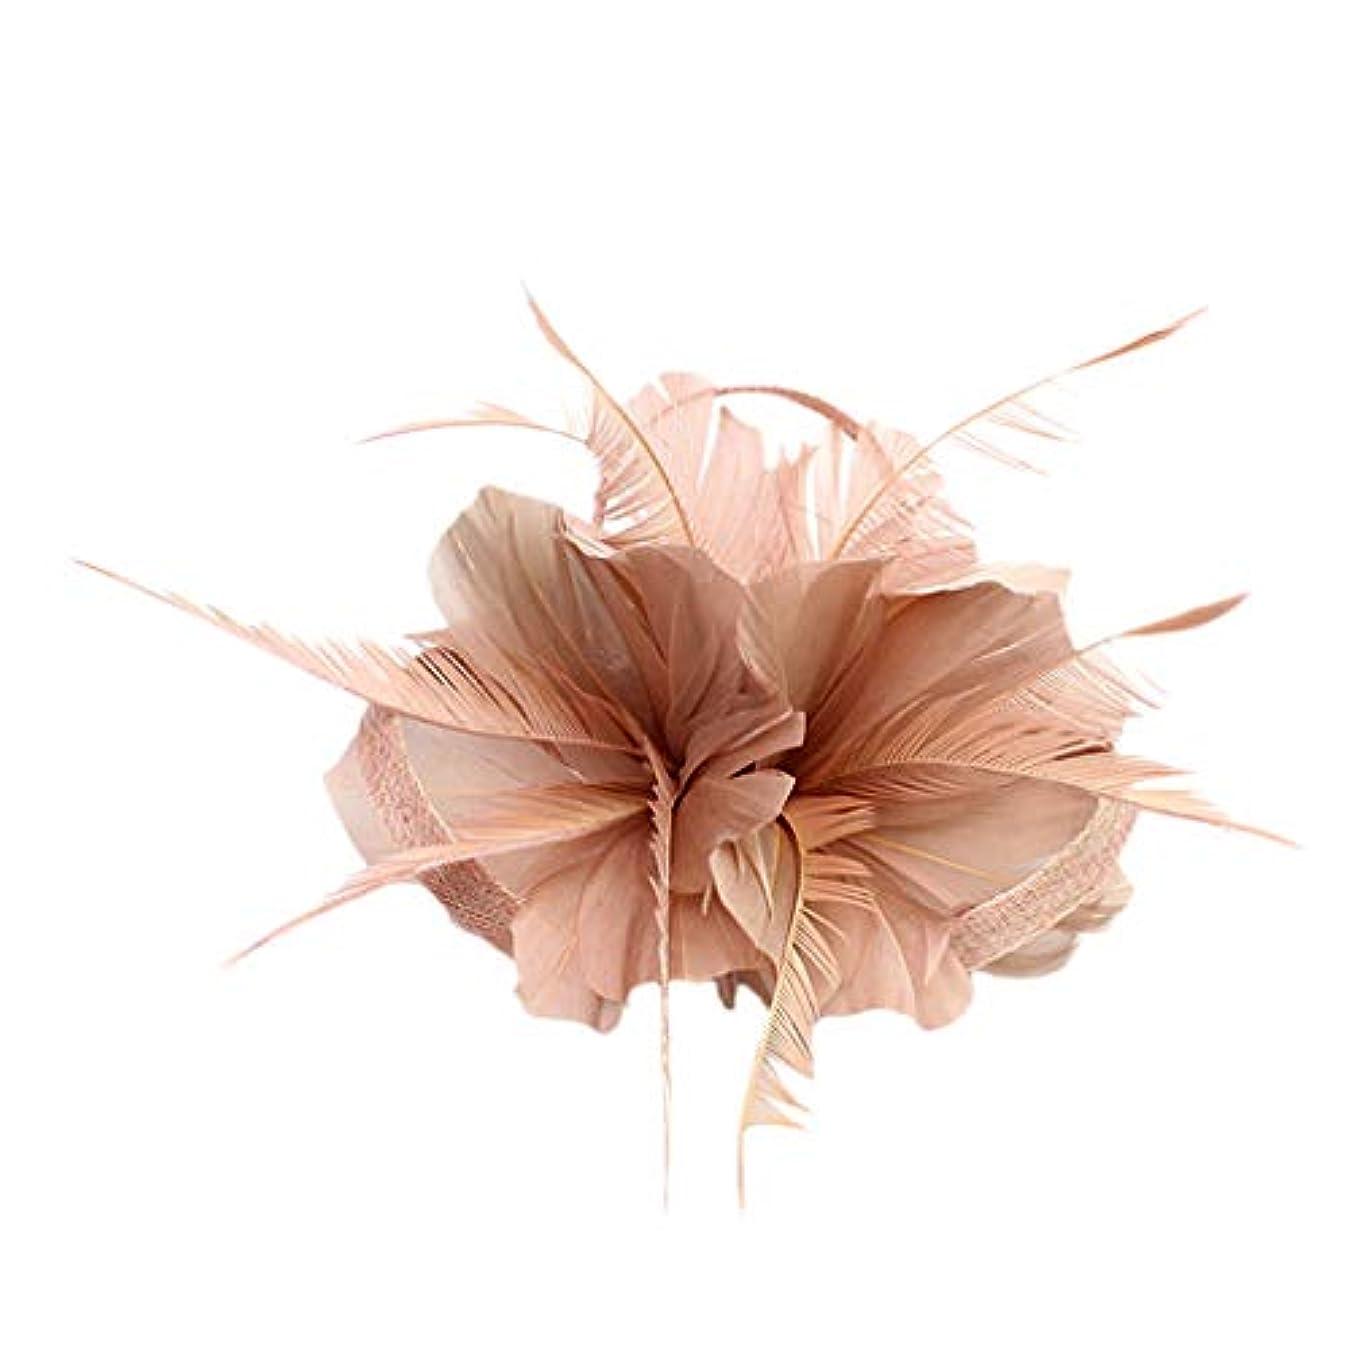 取得一方、操るLieteuy多色展開 レディース ヘアアクセサリー 綺麗 舞台 カーニバル 結婚式 ヘア飾りグッズ コーディネート カチューシャ パーティー 頭飾り 髪飾りグッズ 人気 カチューム